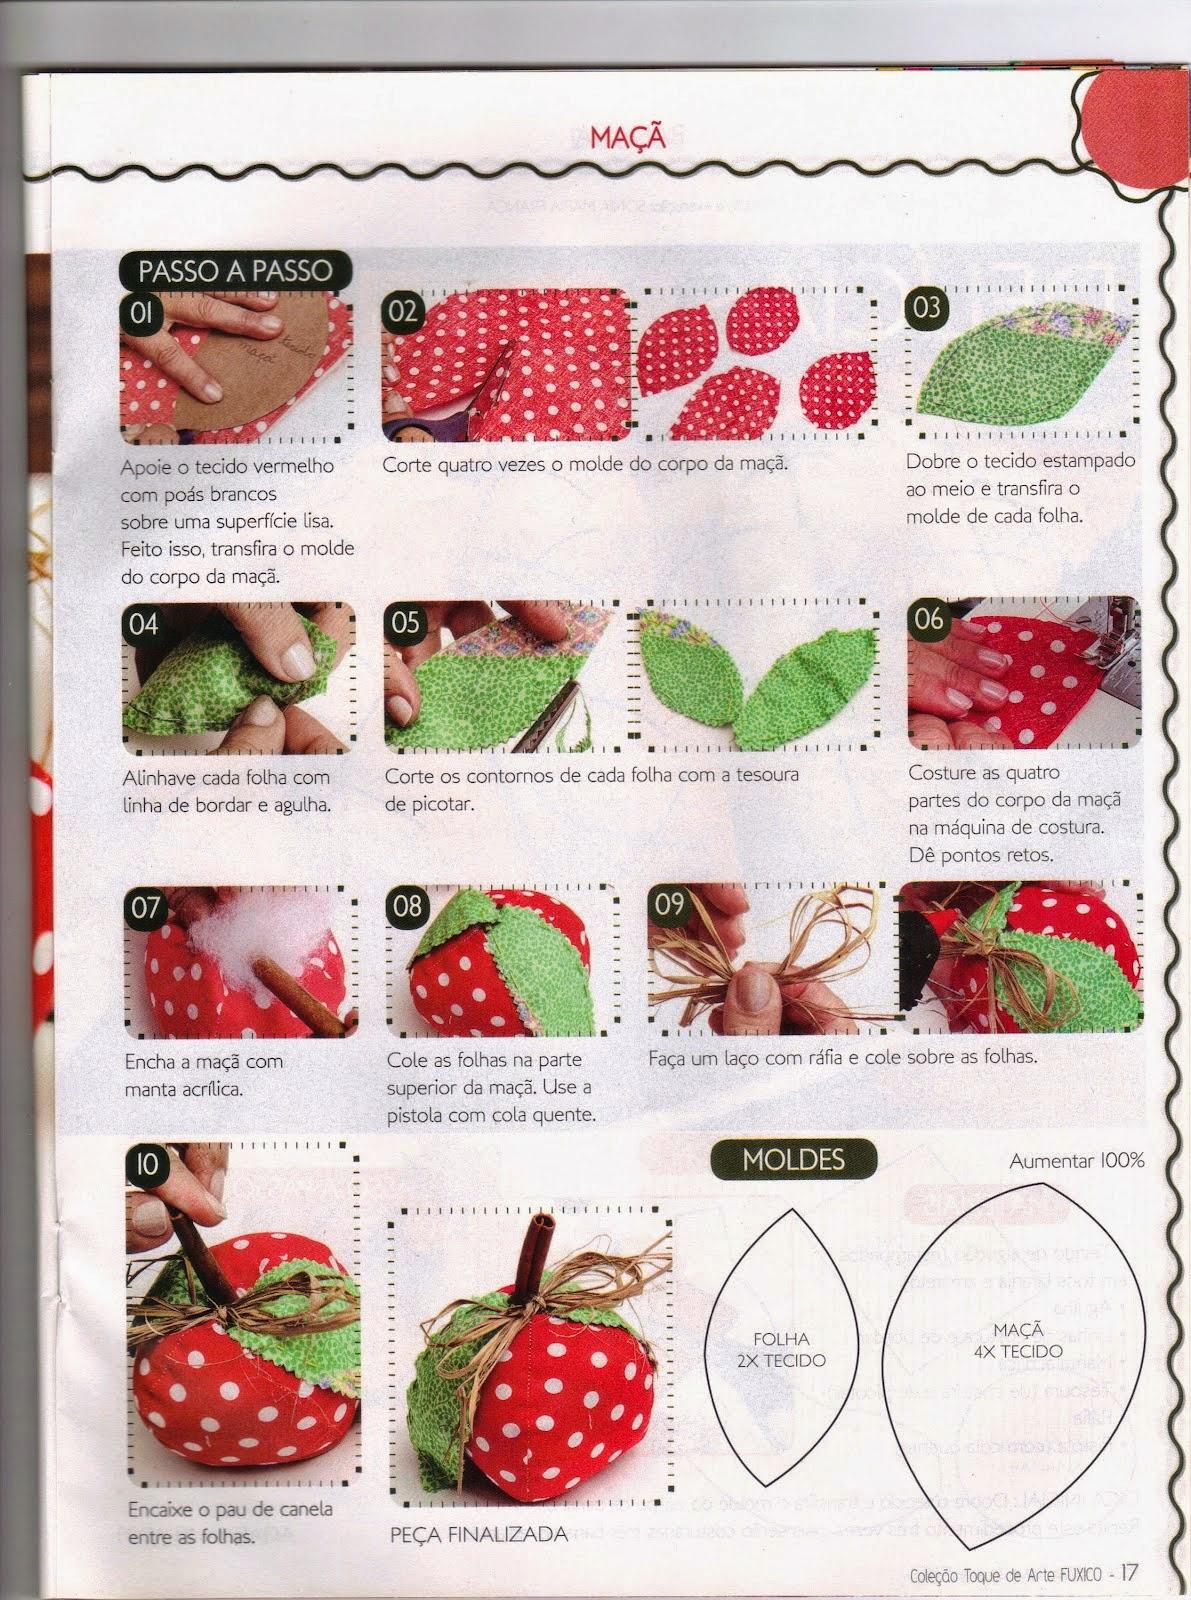 Moldes maçã de feltro ou tecido